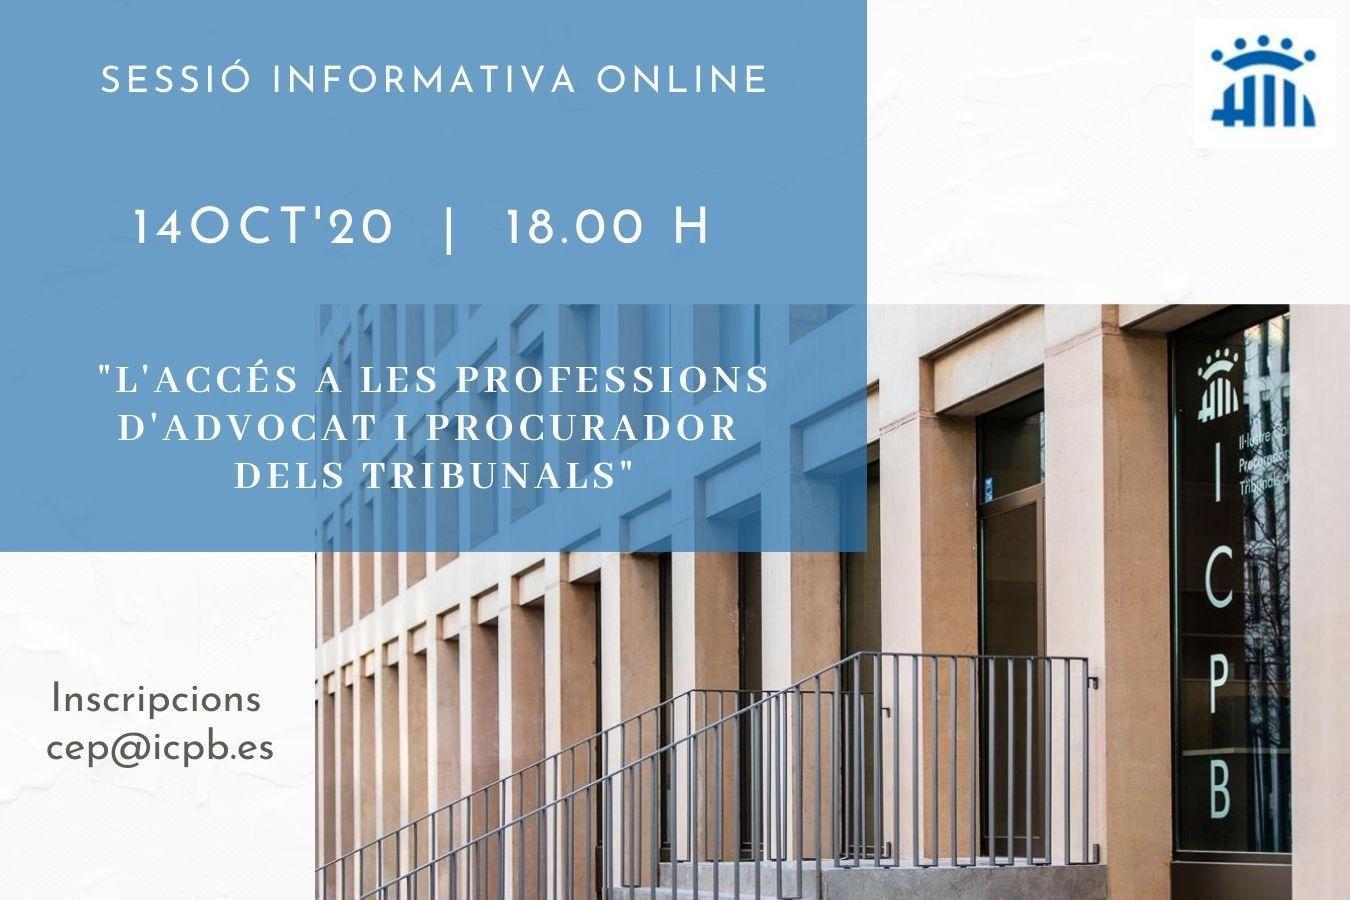 Sesión informativa online sobre el Anteproyecto de Ley con la Junta de Gobierno